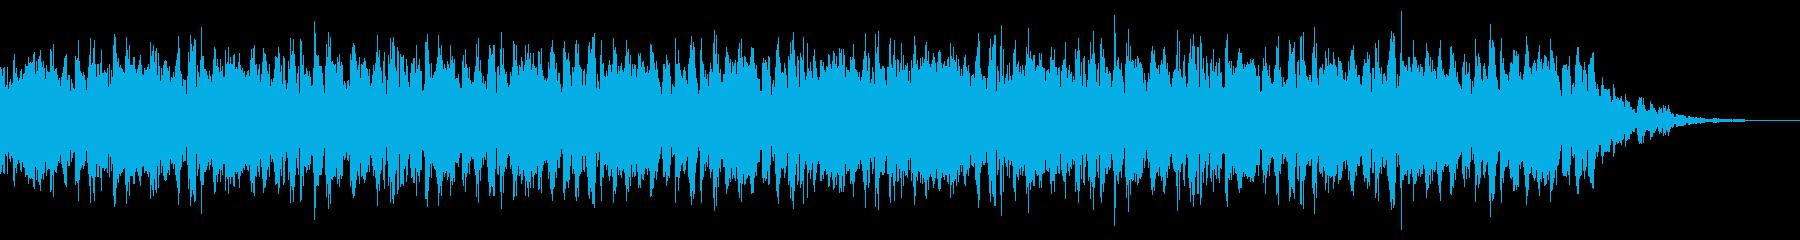 緊迫感や恐怖が近付いてくる音の再生済みの波形